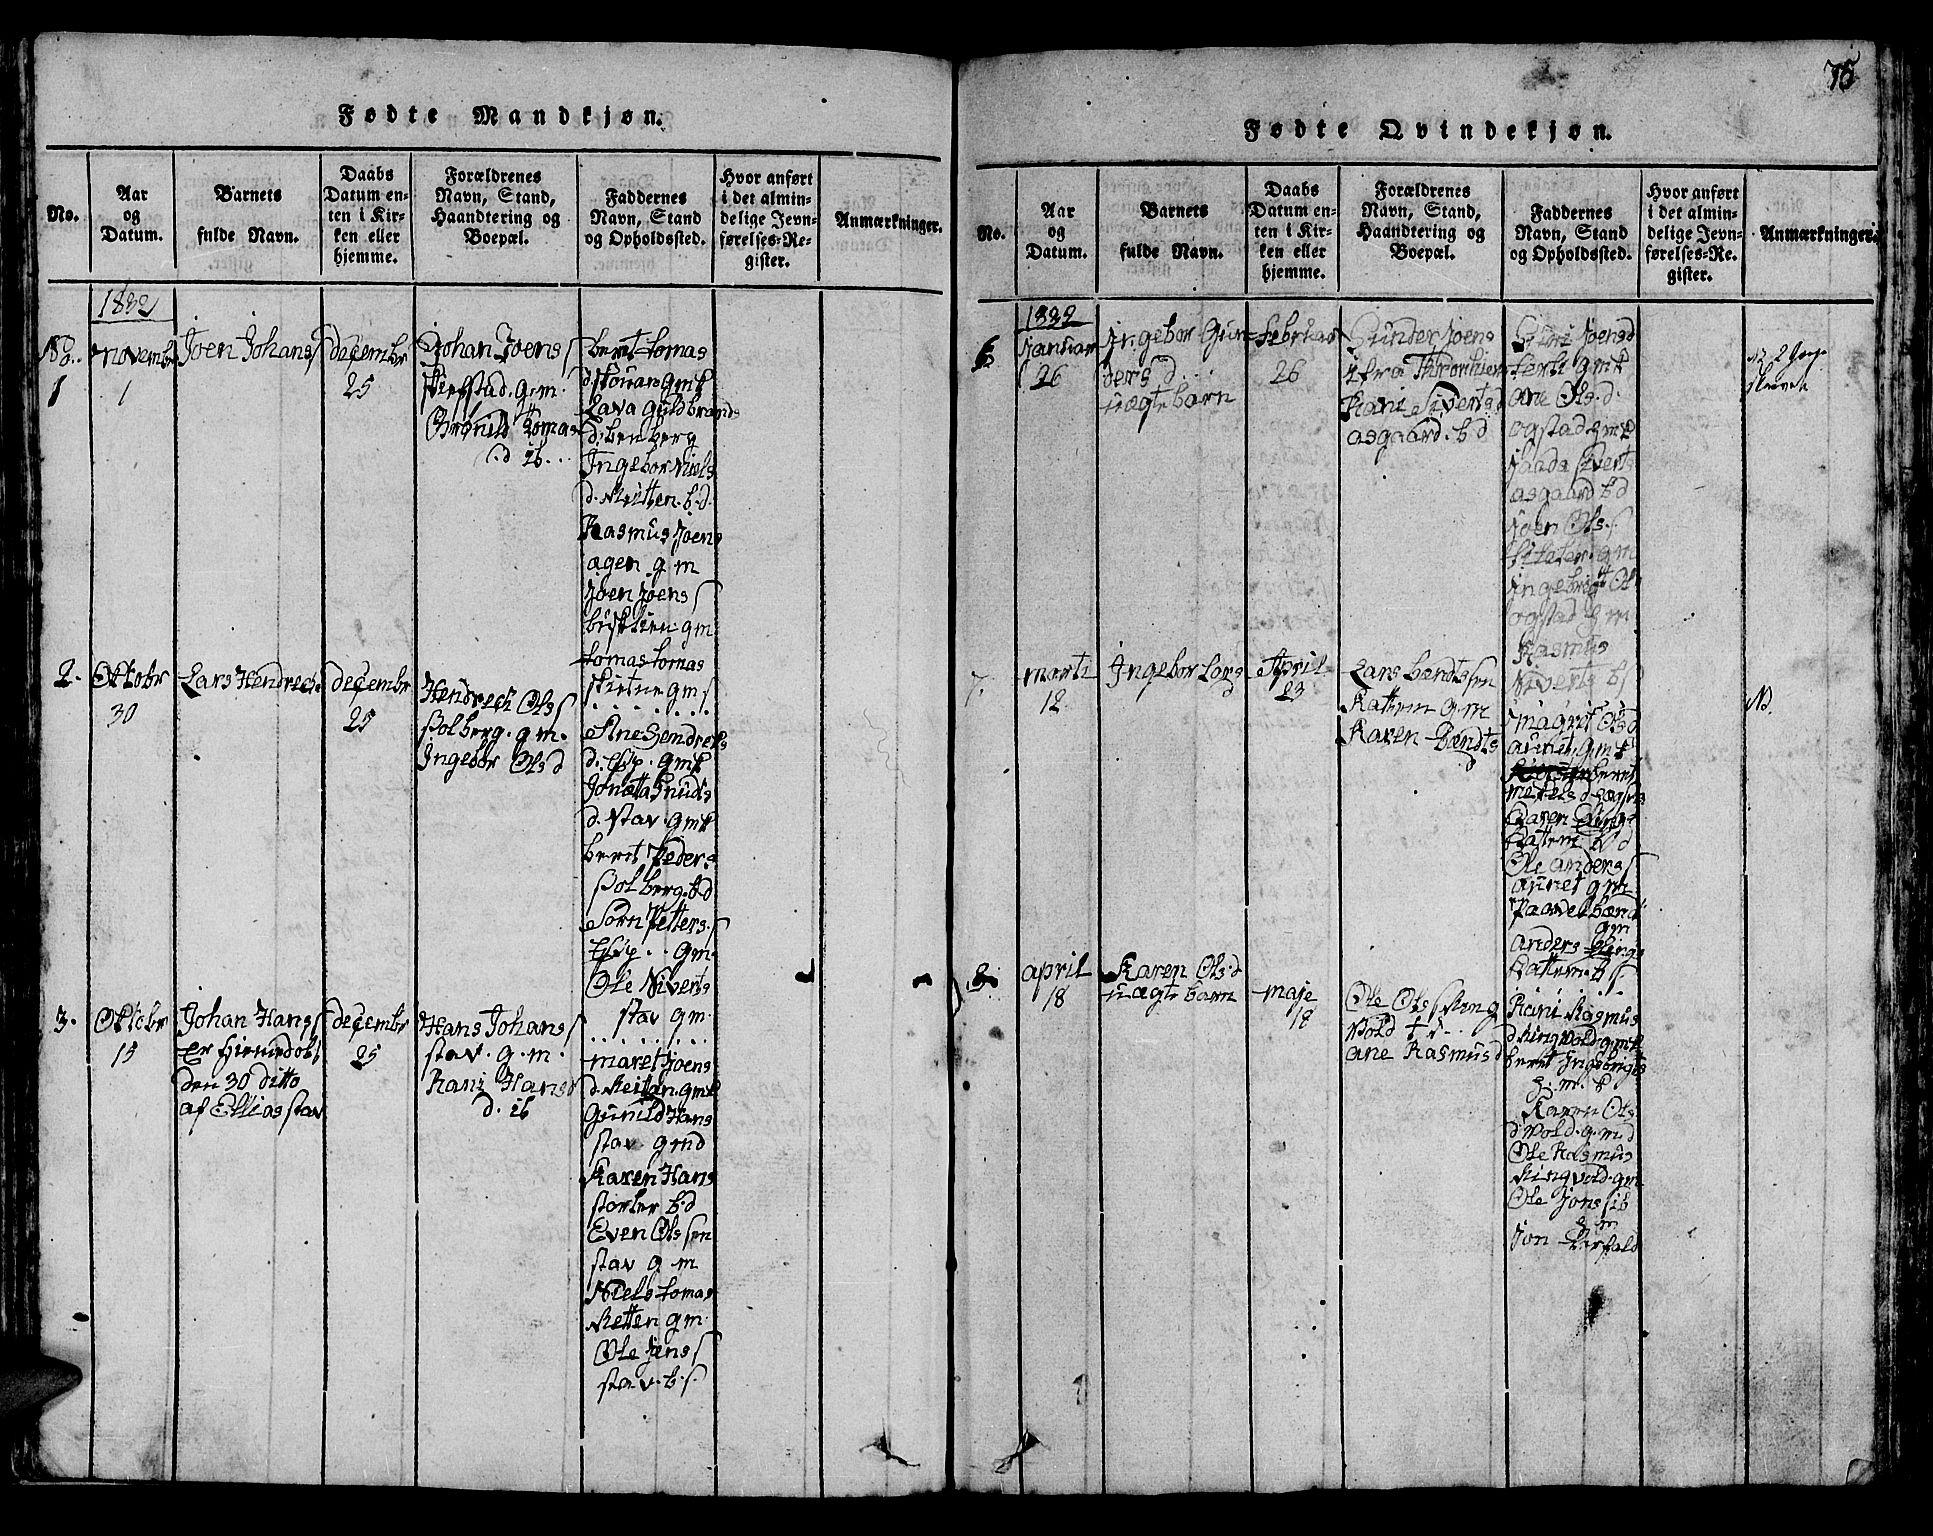 SAT, Ministerialprotokoller, klokkerbøker og fødselsregistre - Sør-Trøndelag, 613/L0393: Klokkerbok nr. 613C01, 1816-1886, s. 75